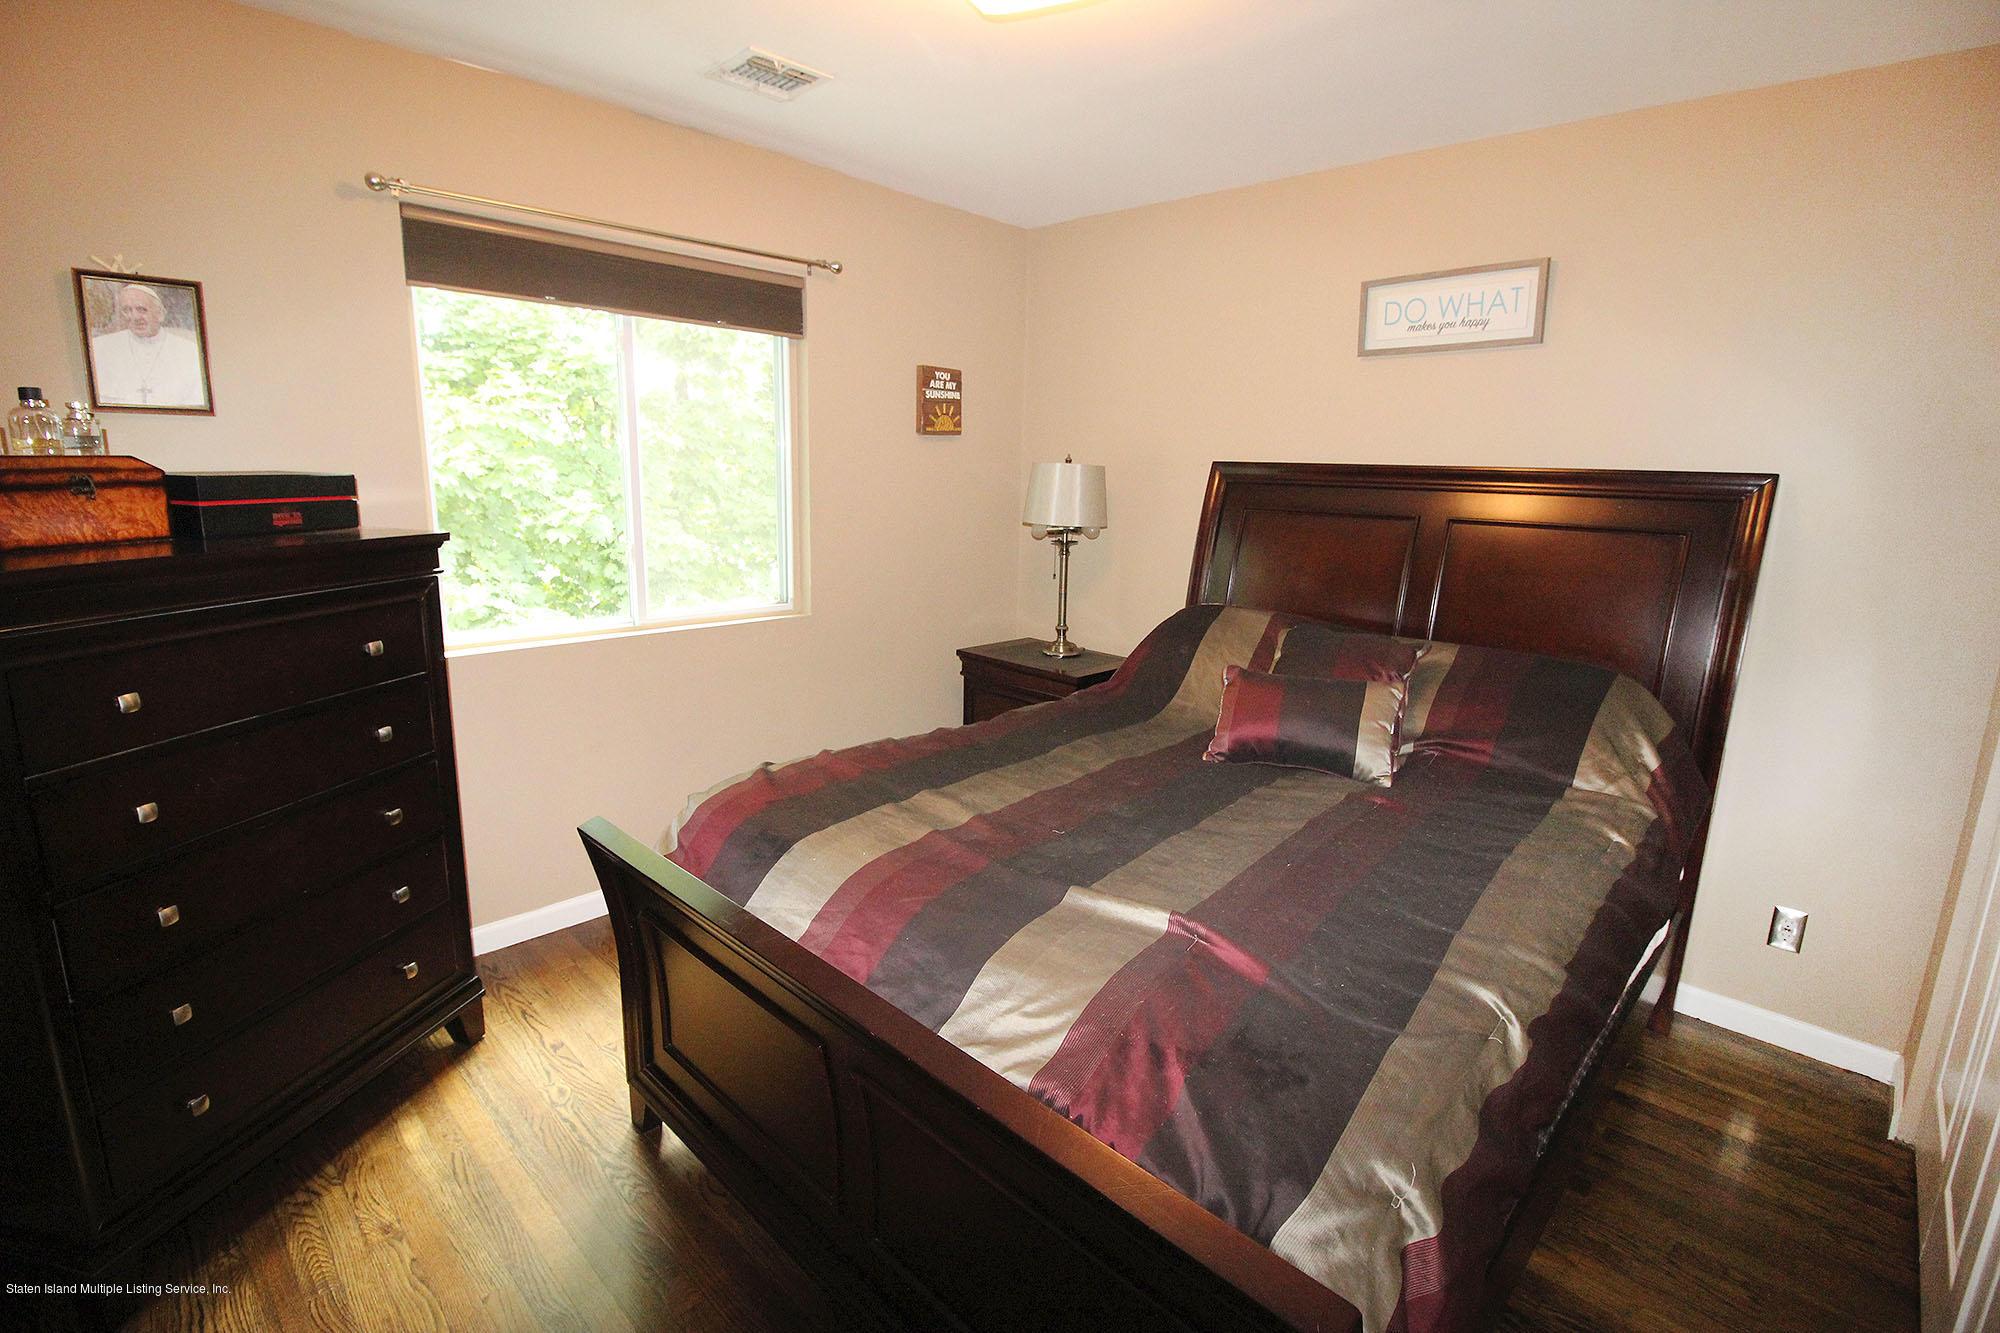 Single Family - Detached 218 Hamilton Avenue  Staten Island, NY 10301, MLS-1139850-12